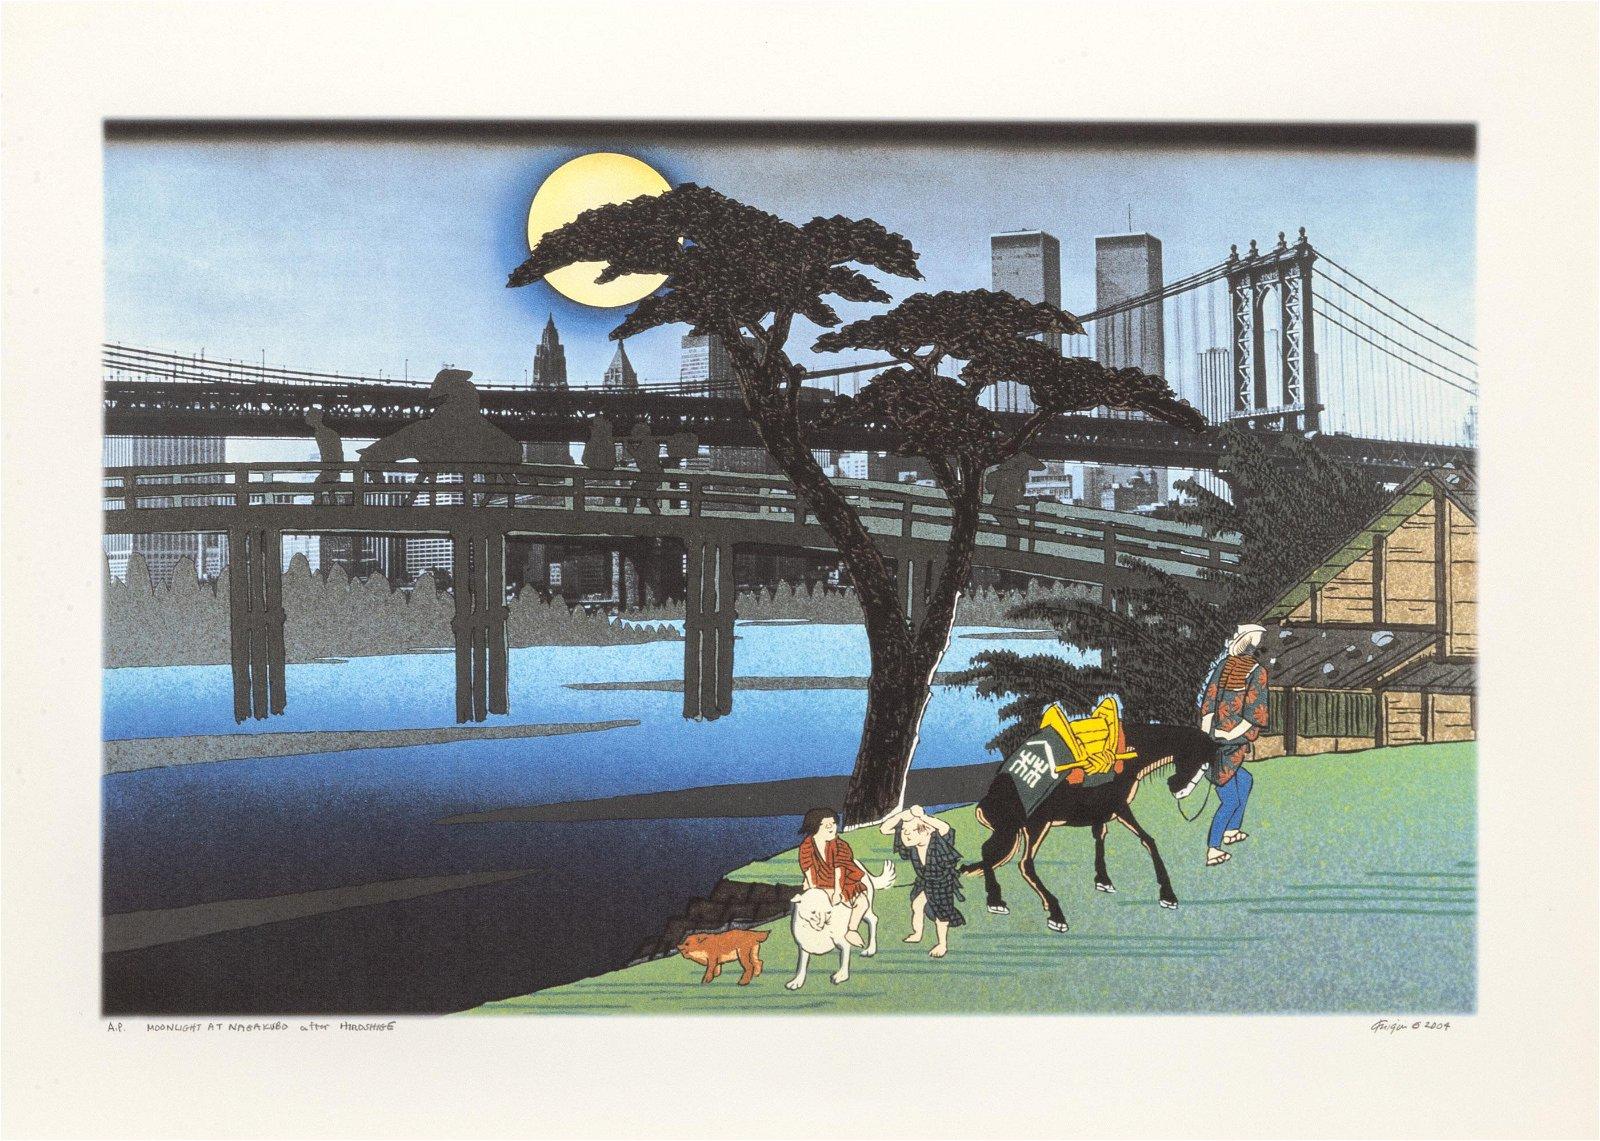 Michael Knigin, Moonlight at Nagakubo, Archival Pigment